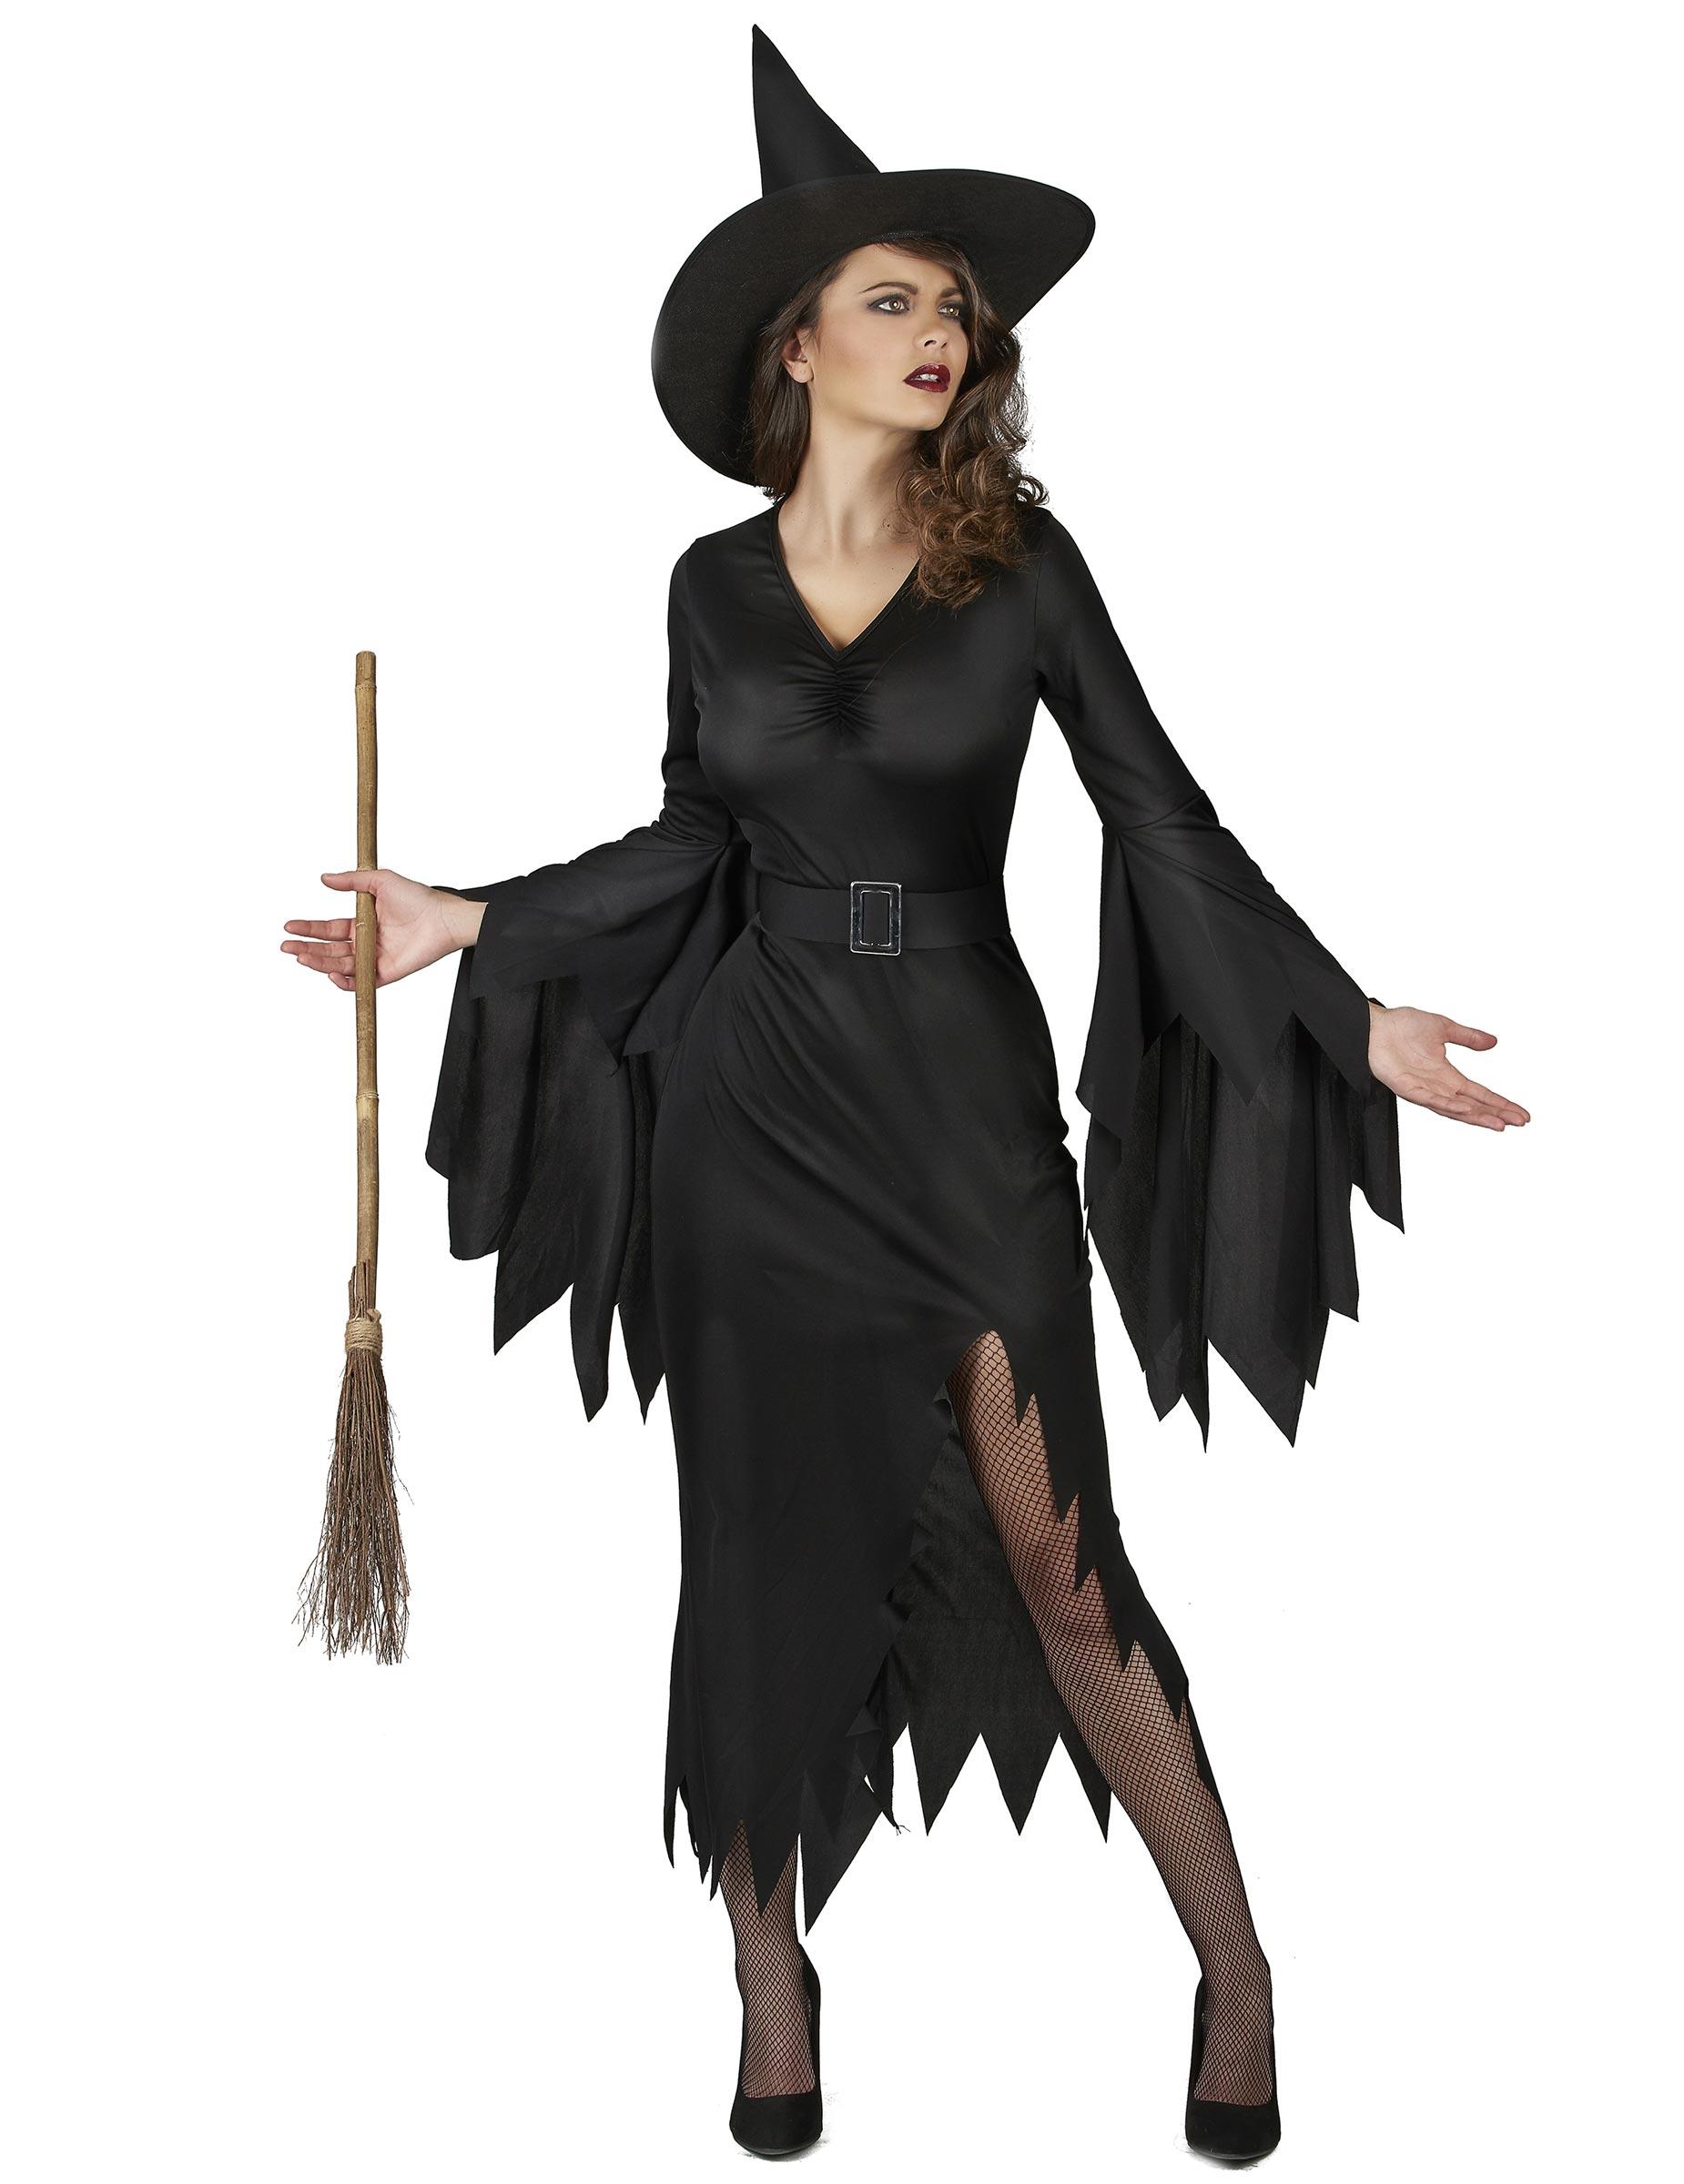 6d853610c342 Costume nero strega sexy da donna su VegaooParty, negozio di ...